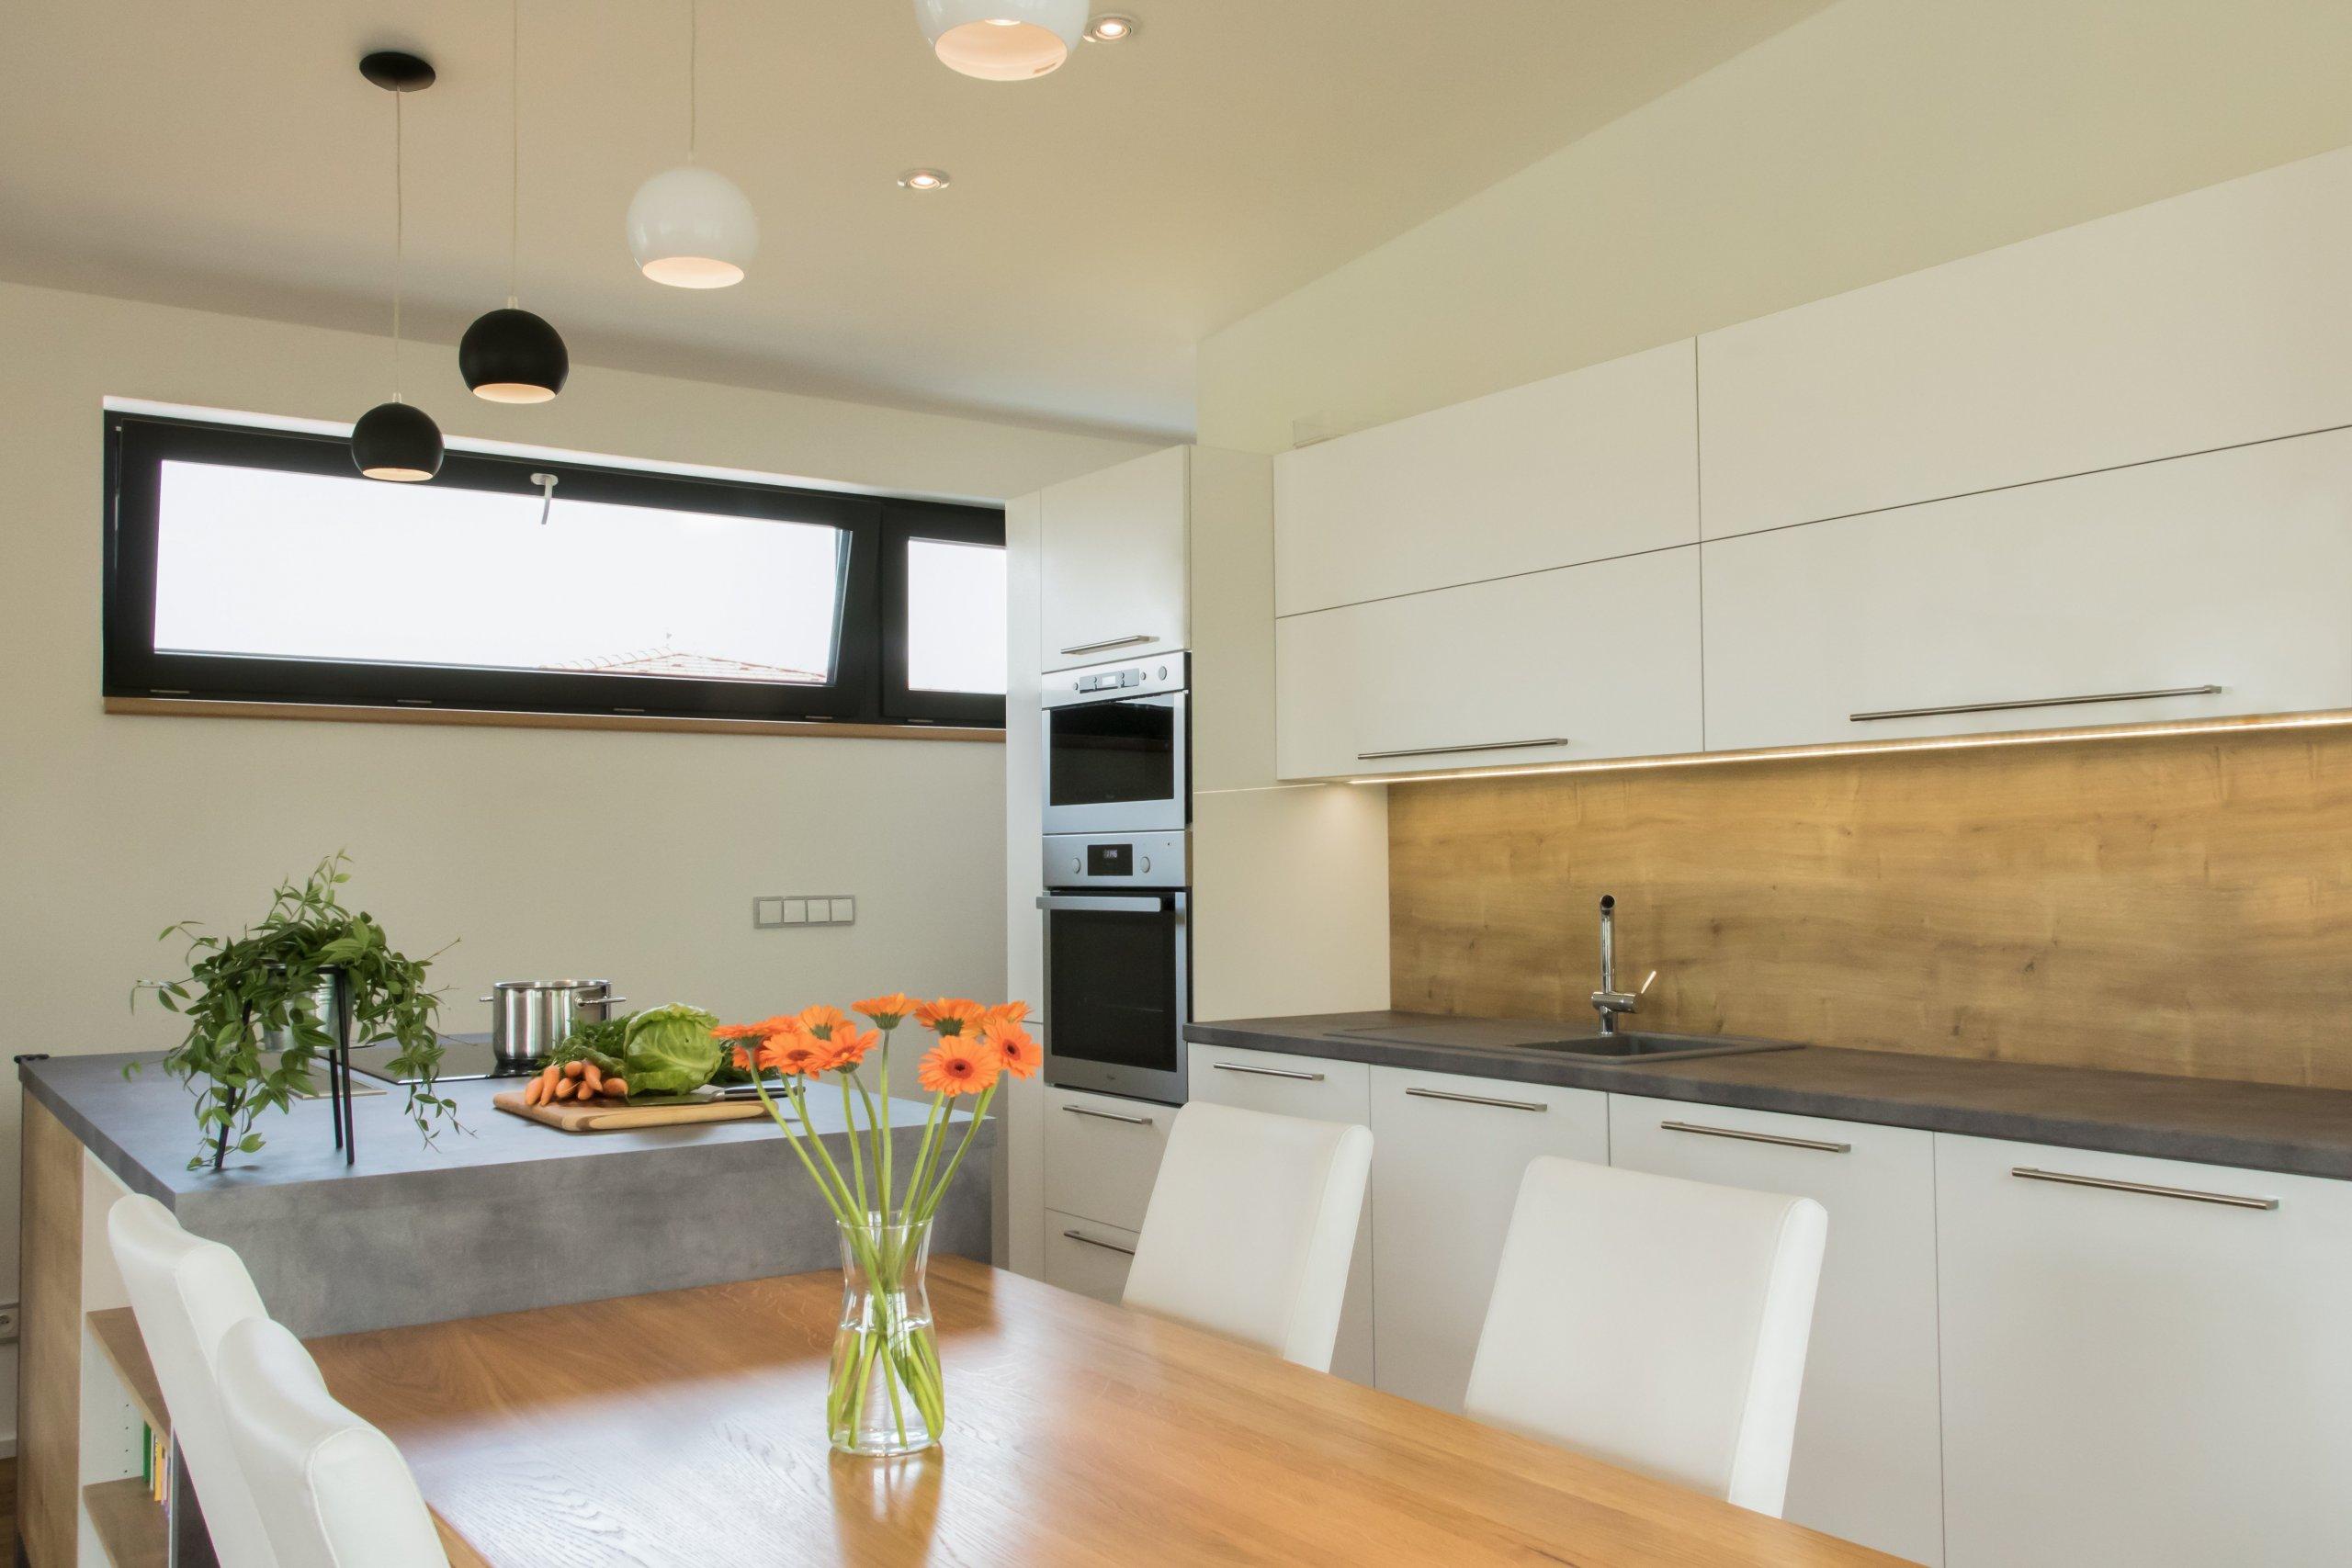 Kuchyňská linka je navržena ve dvou liniích s navazujícím jídelním stolem. Klasickou kombinaci bílé a dekoru dubového dřeva obzvláštňuje šedý akcent v podobě…